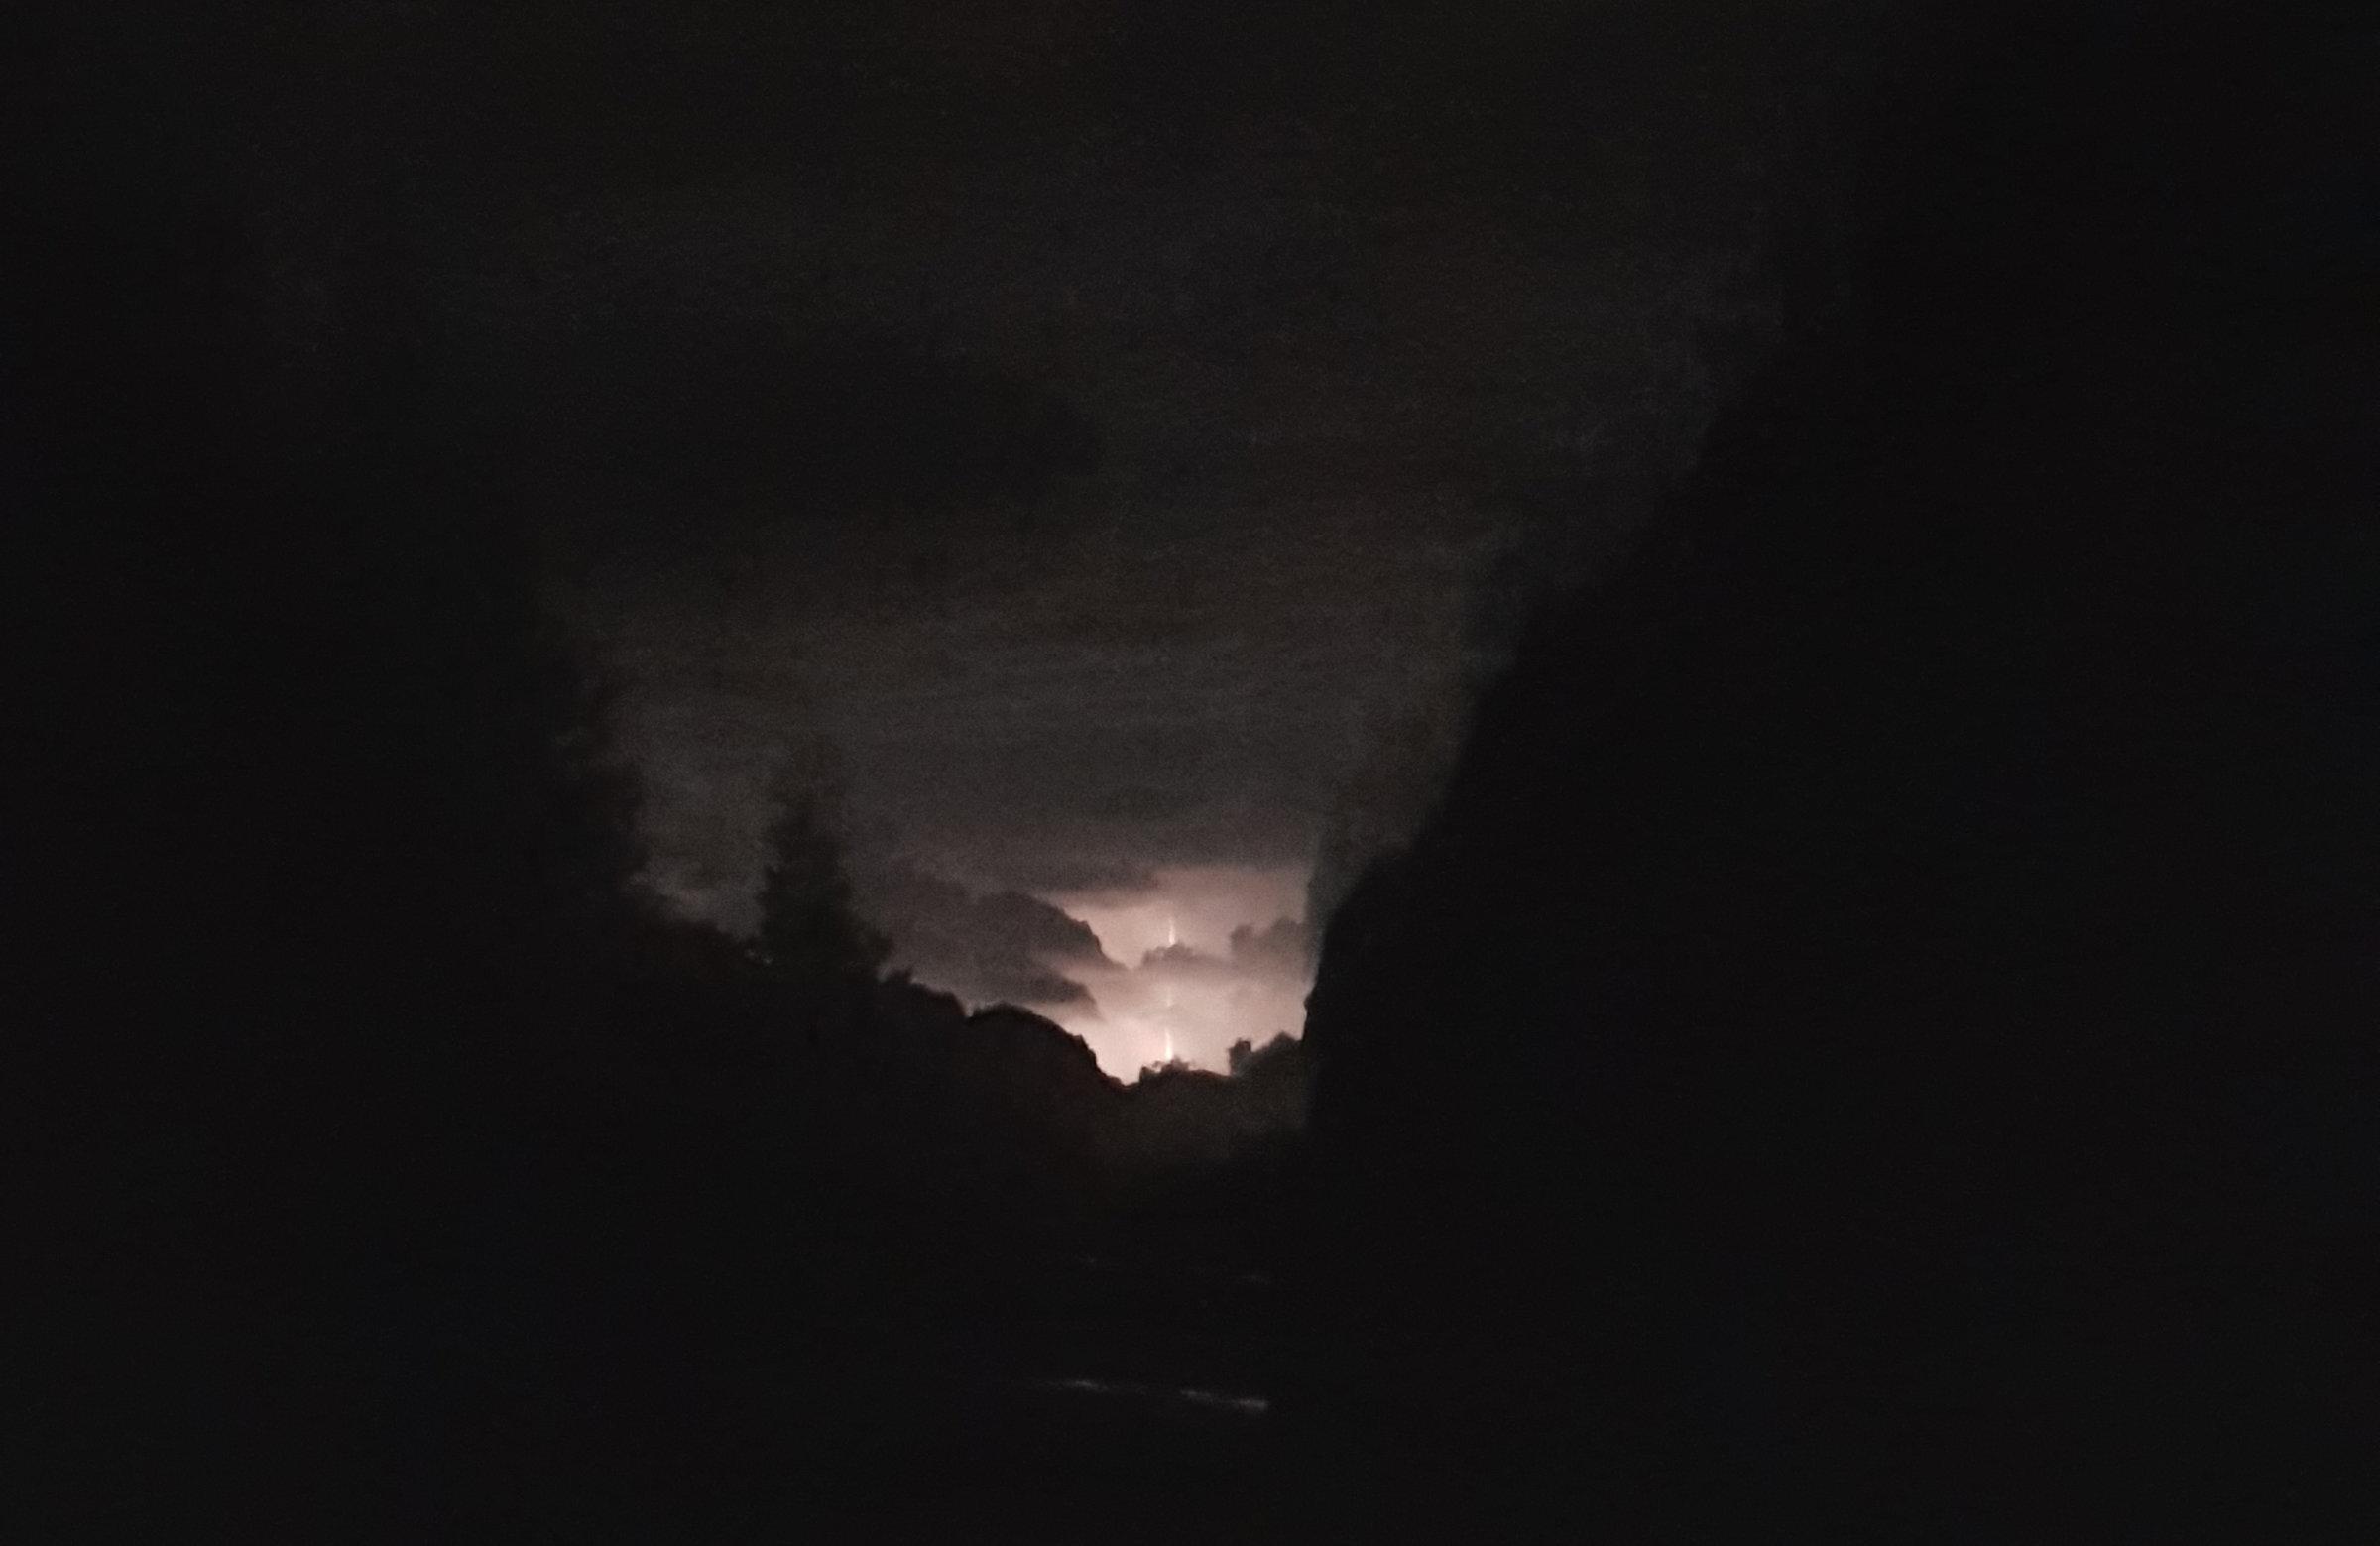 Wetterleuchten, Korsika, GR20 Weitwanderweg, Wandern, Berge, Frankreich